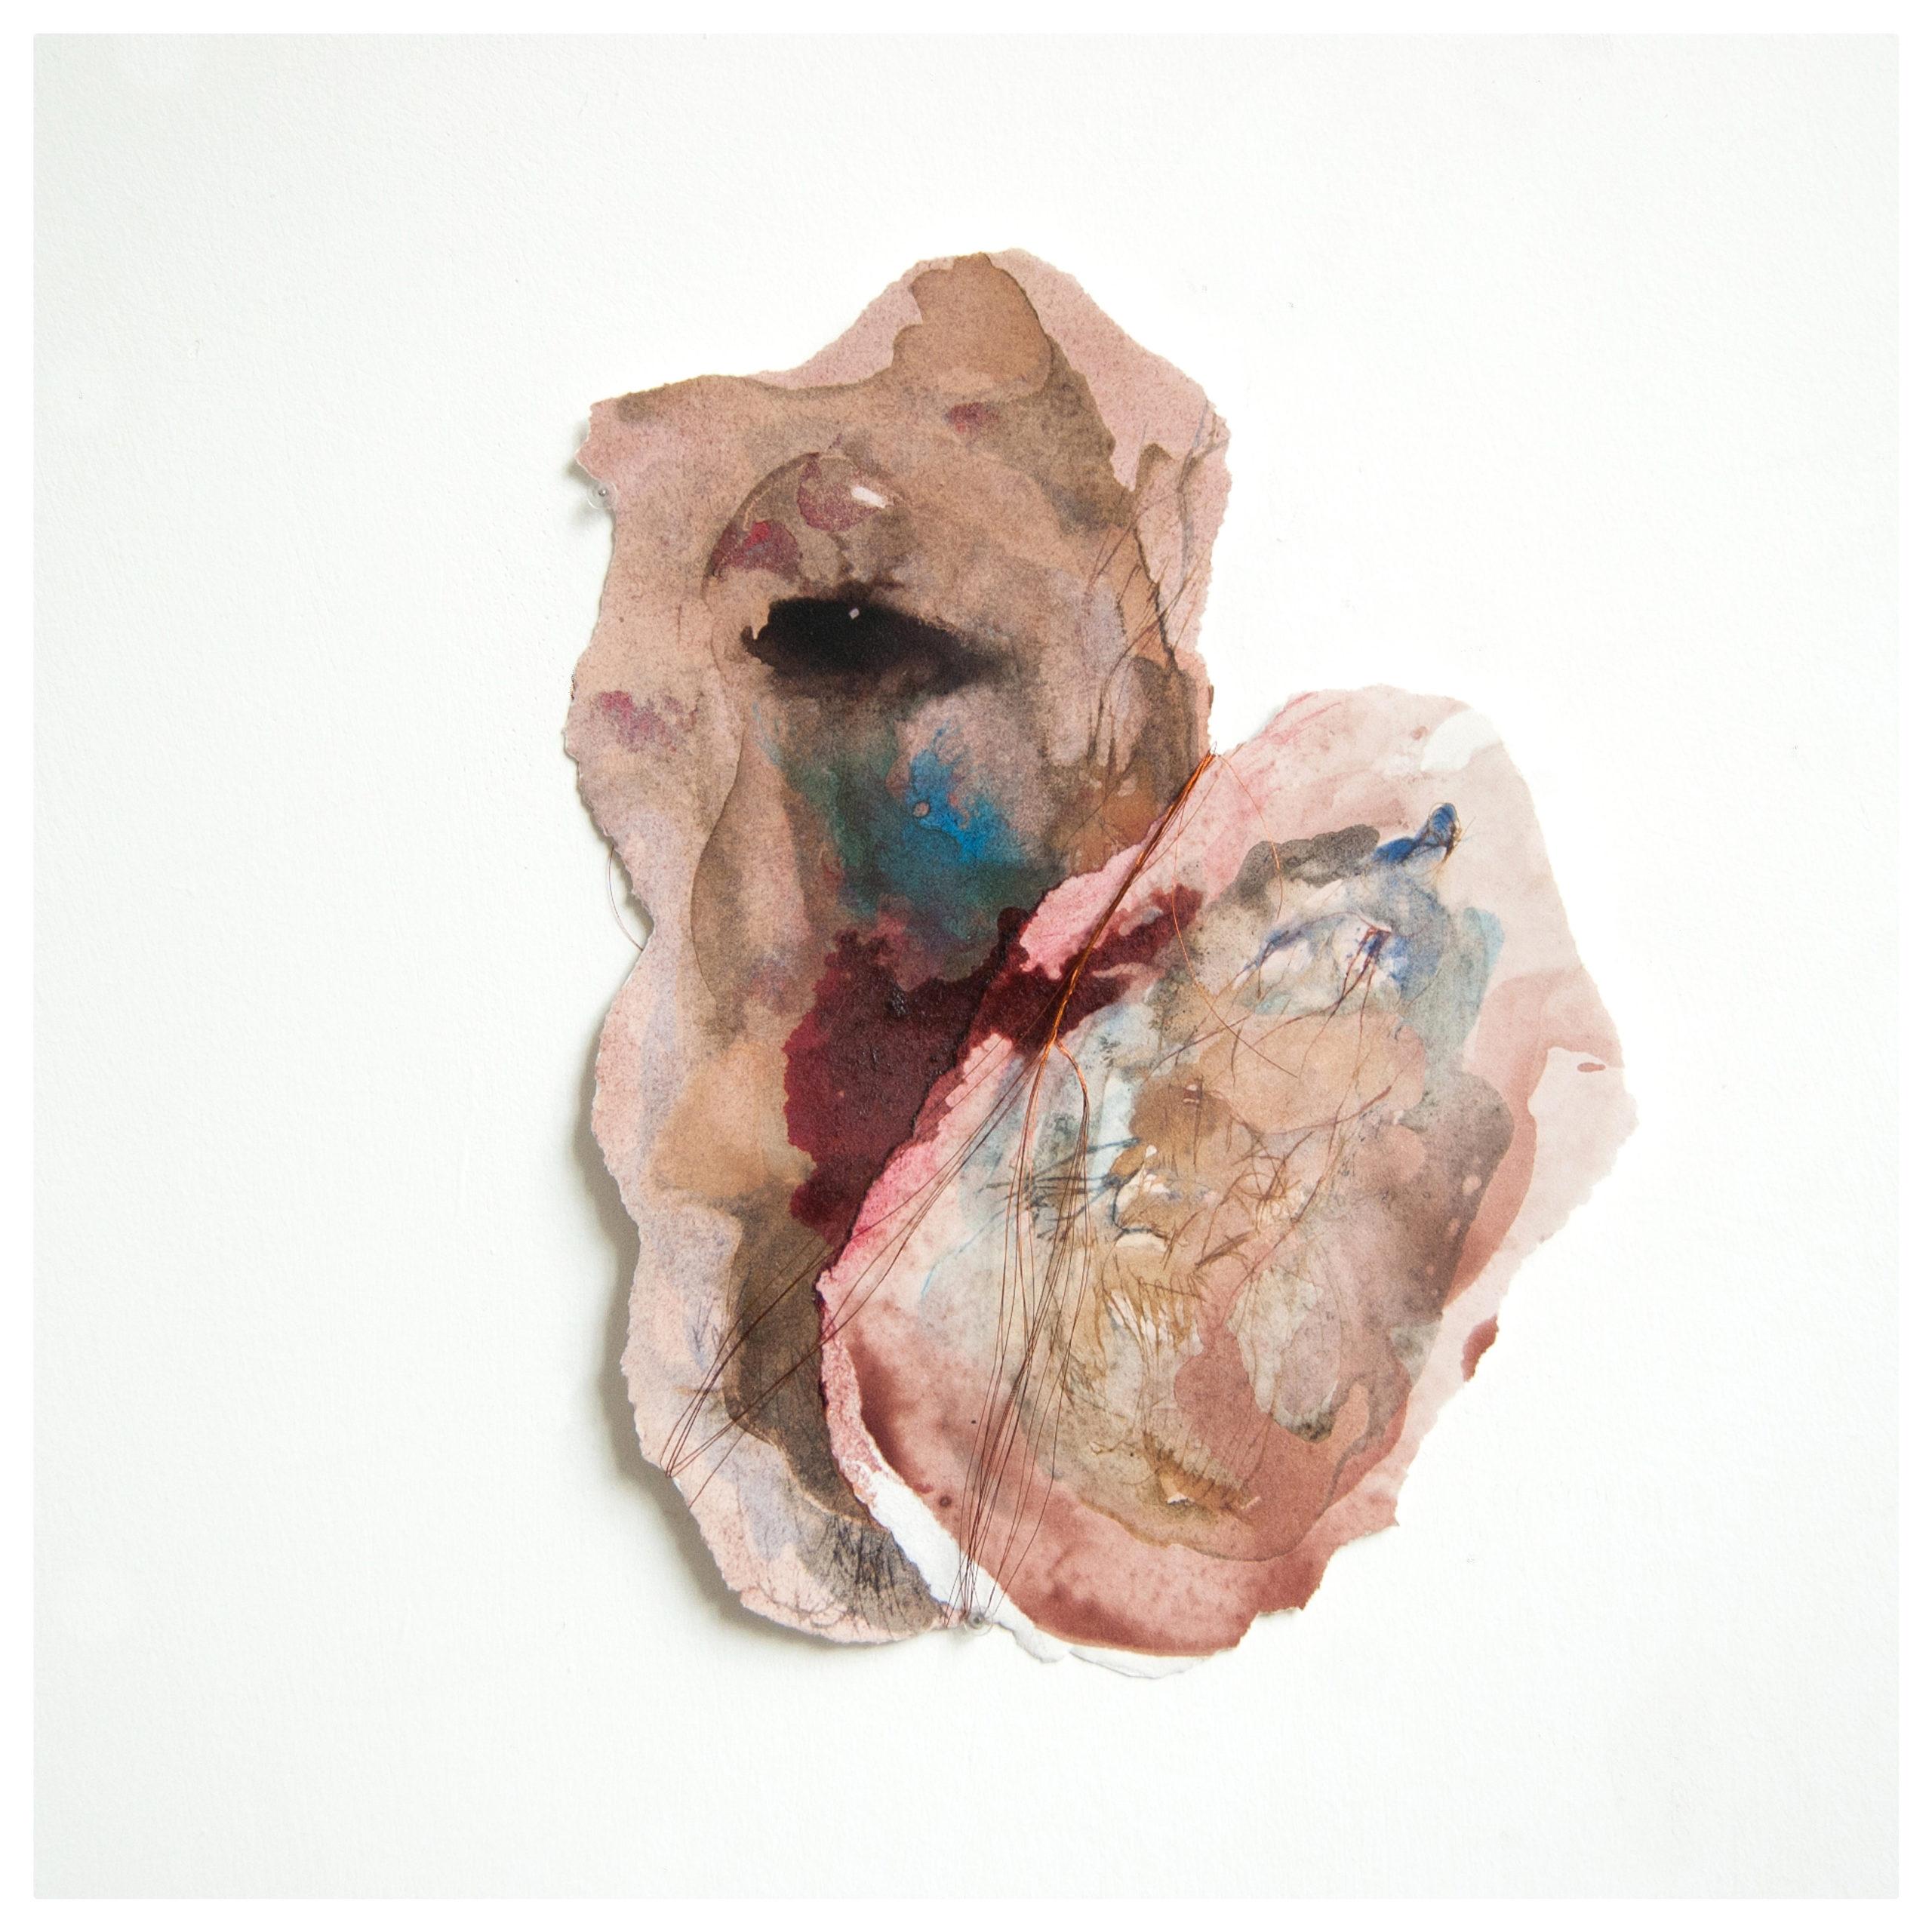 Gaëlle Chotard_Sans titre_2019_encres et aquerelle sur papier déchirés, inks and watercolours on torn paper_24,5x19x0,5 cm